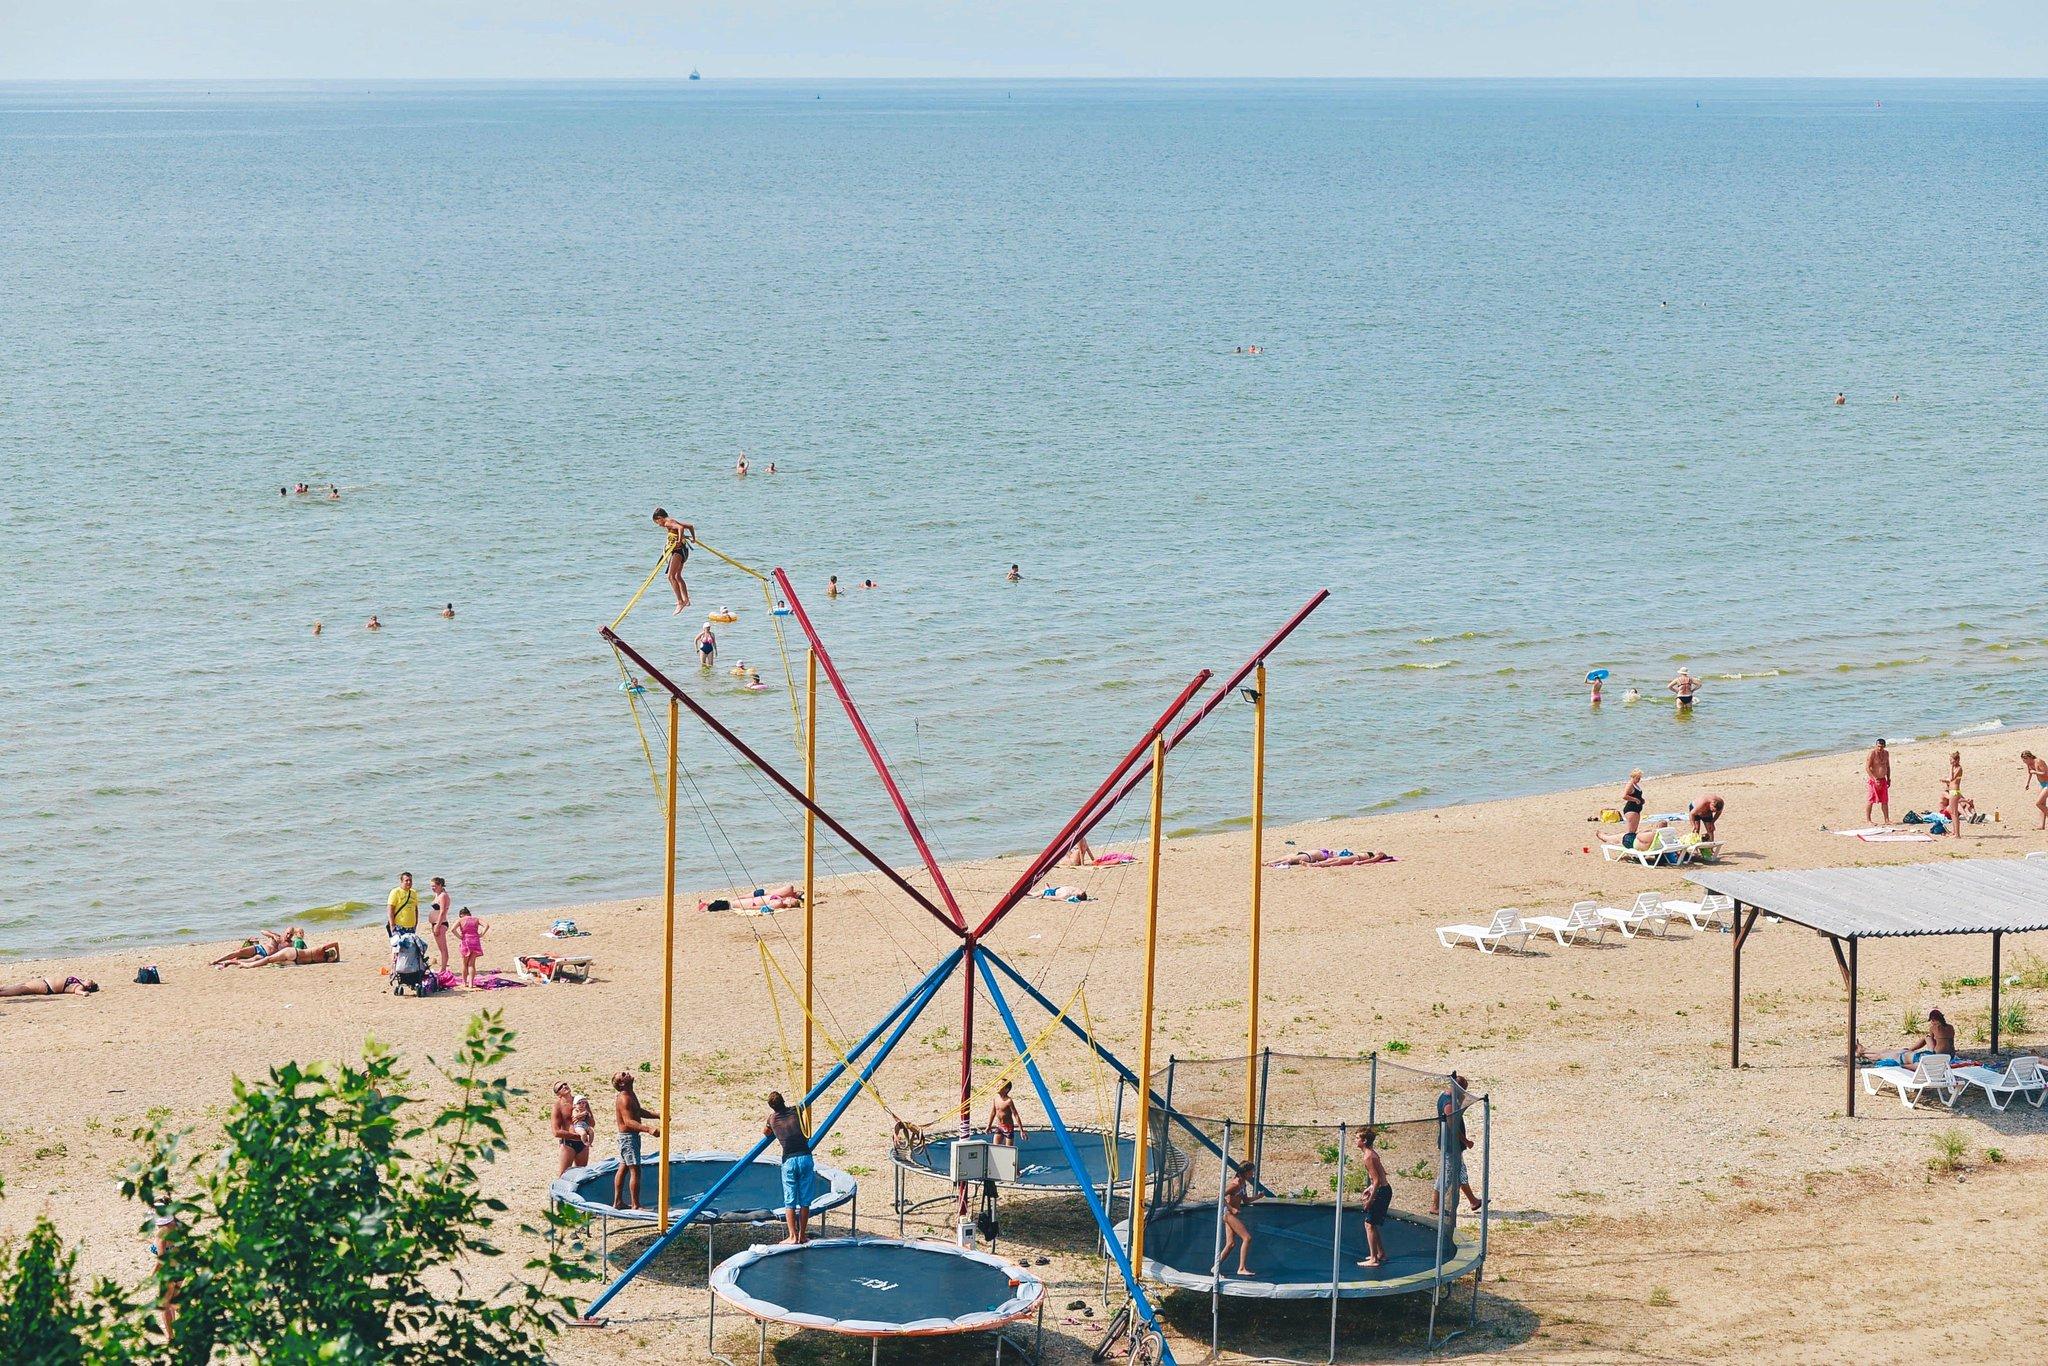 Отель весна пляж фото адлер брюшину